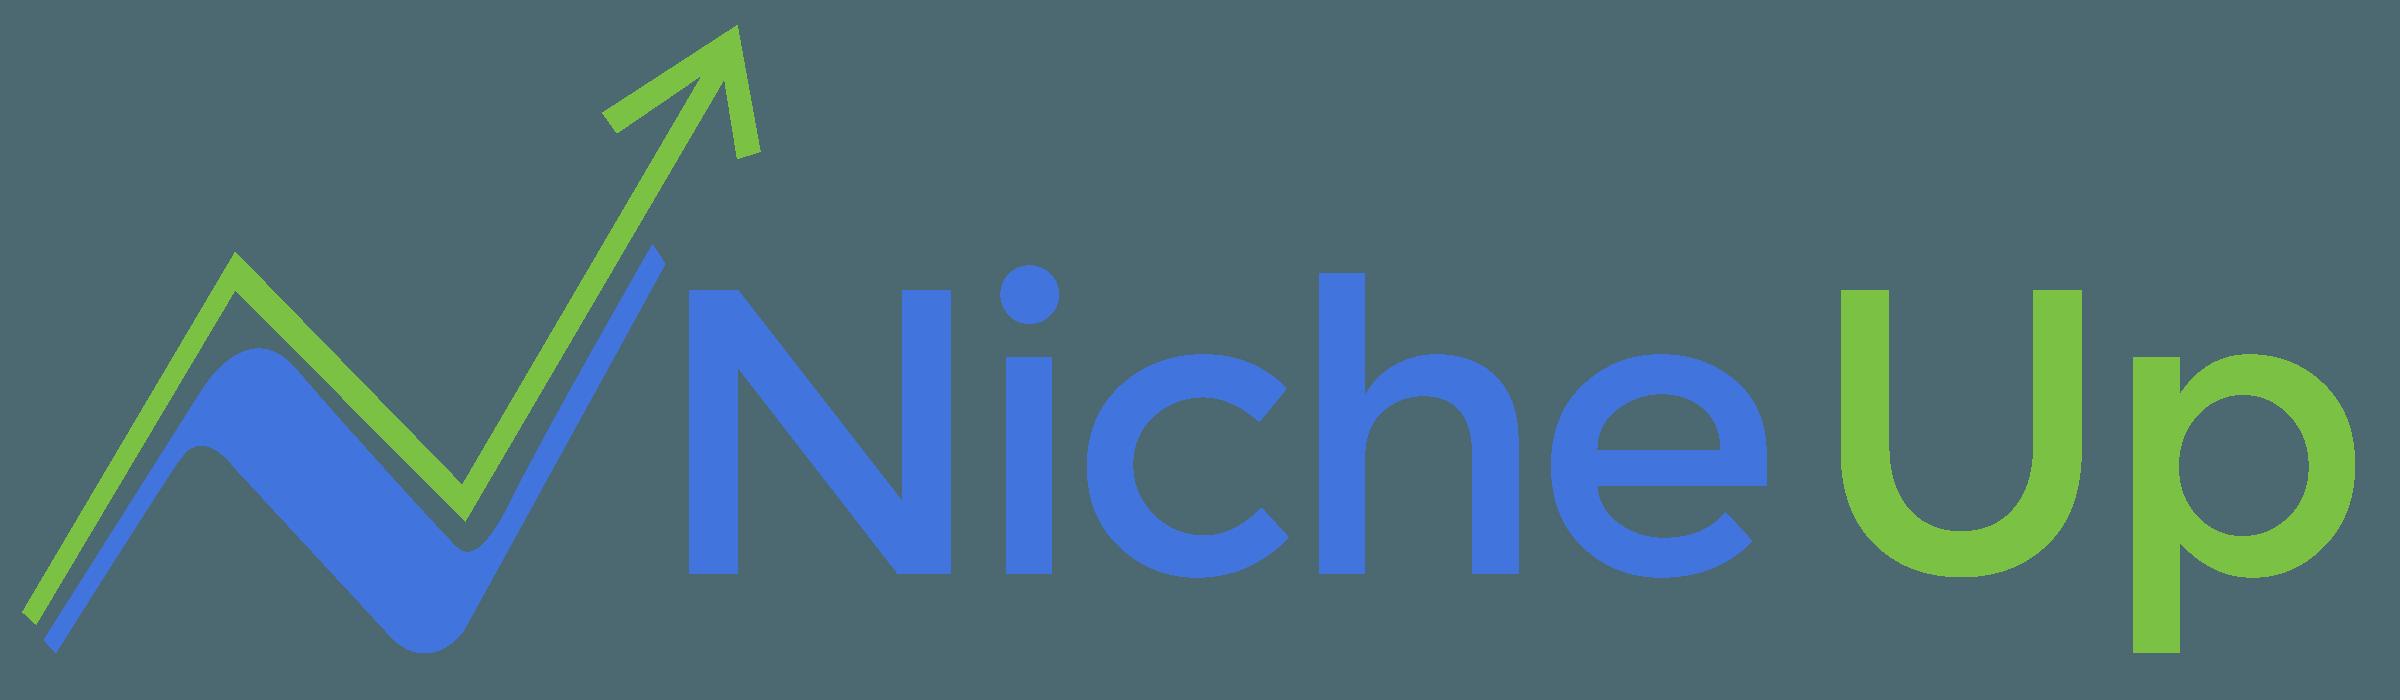 Niche Up